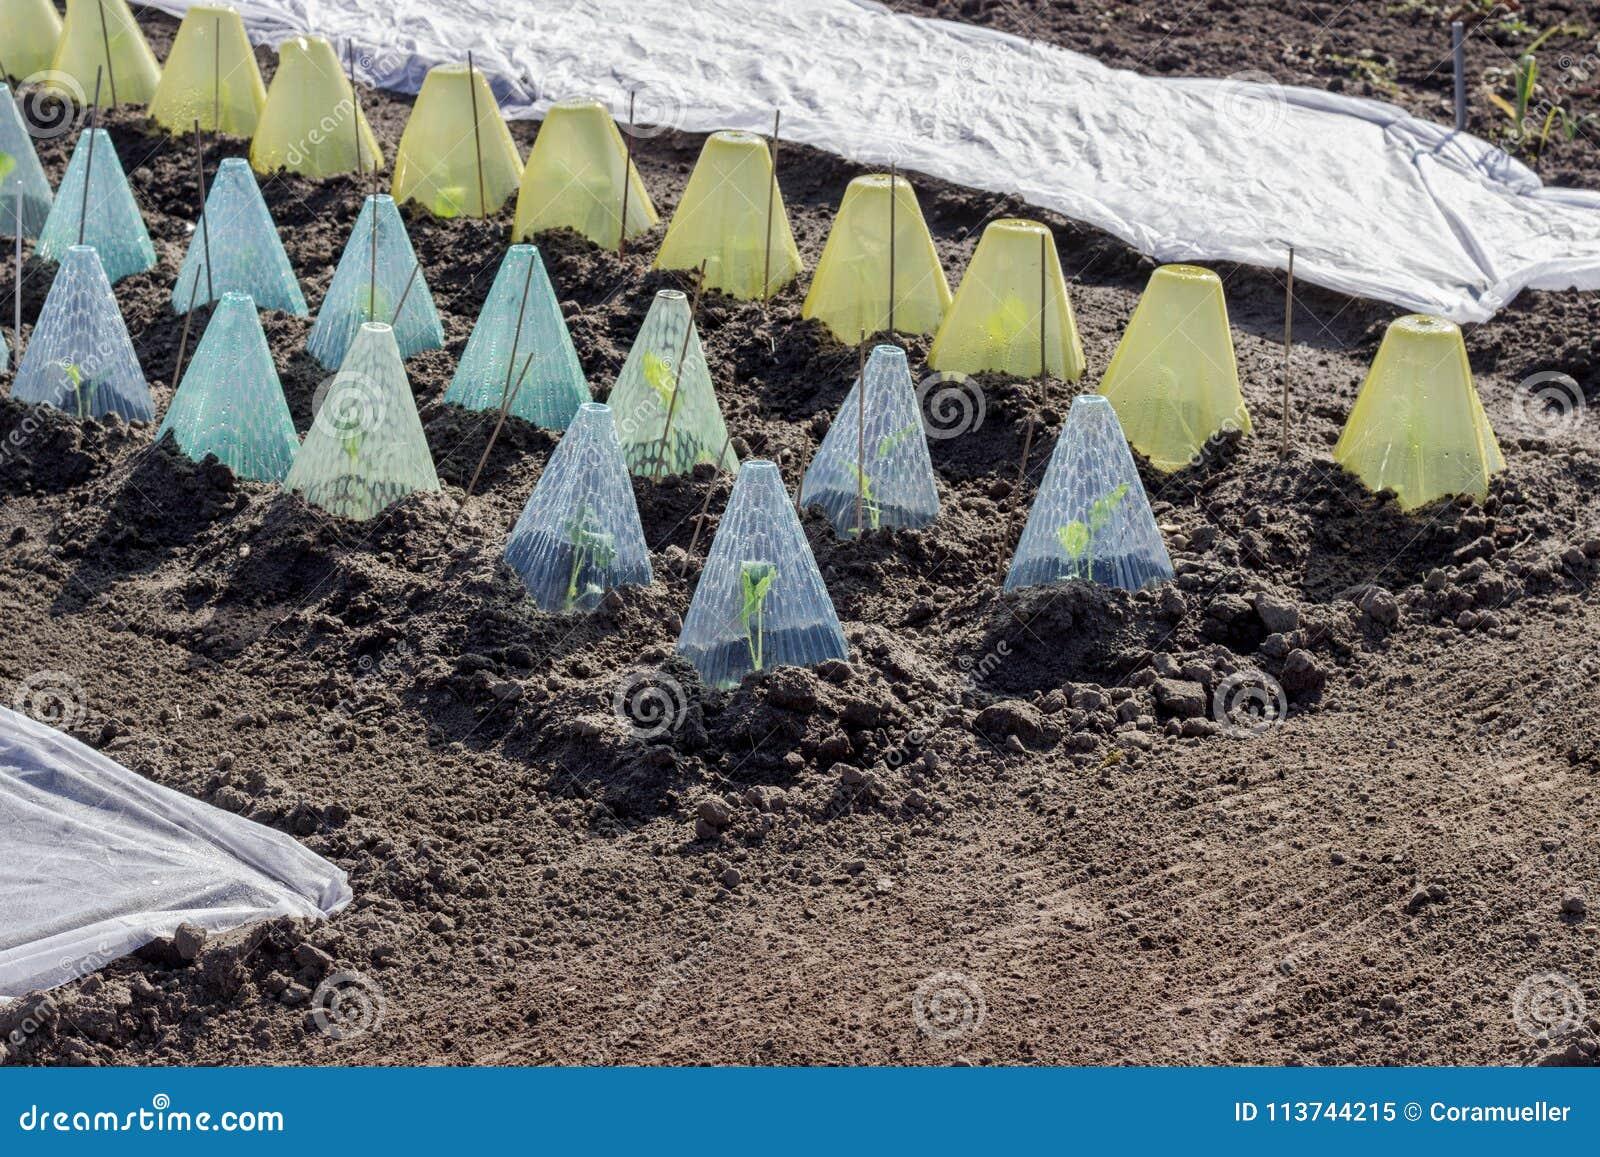 Cama vegetal con las cubiertas y el paño grueso y suave del jardín